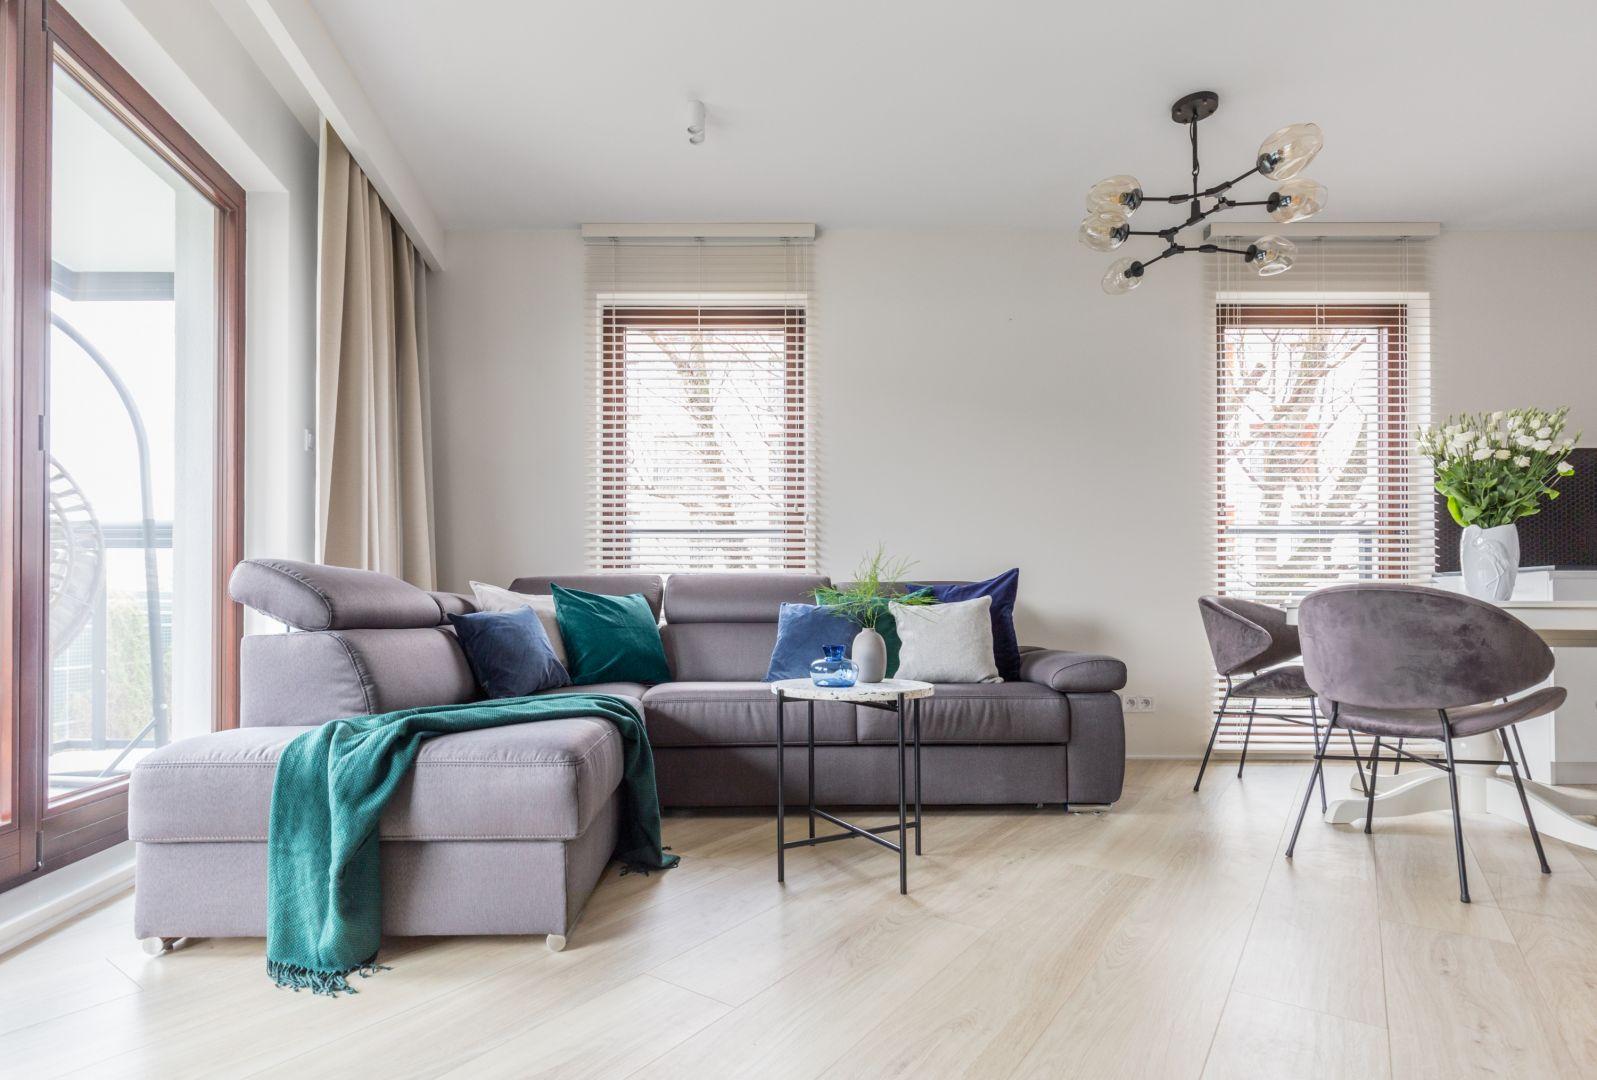 Sofa w salonie - najlepsze aranżacje i pomysły. Projekt: Deer Design